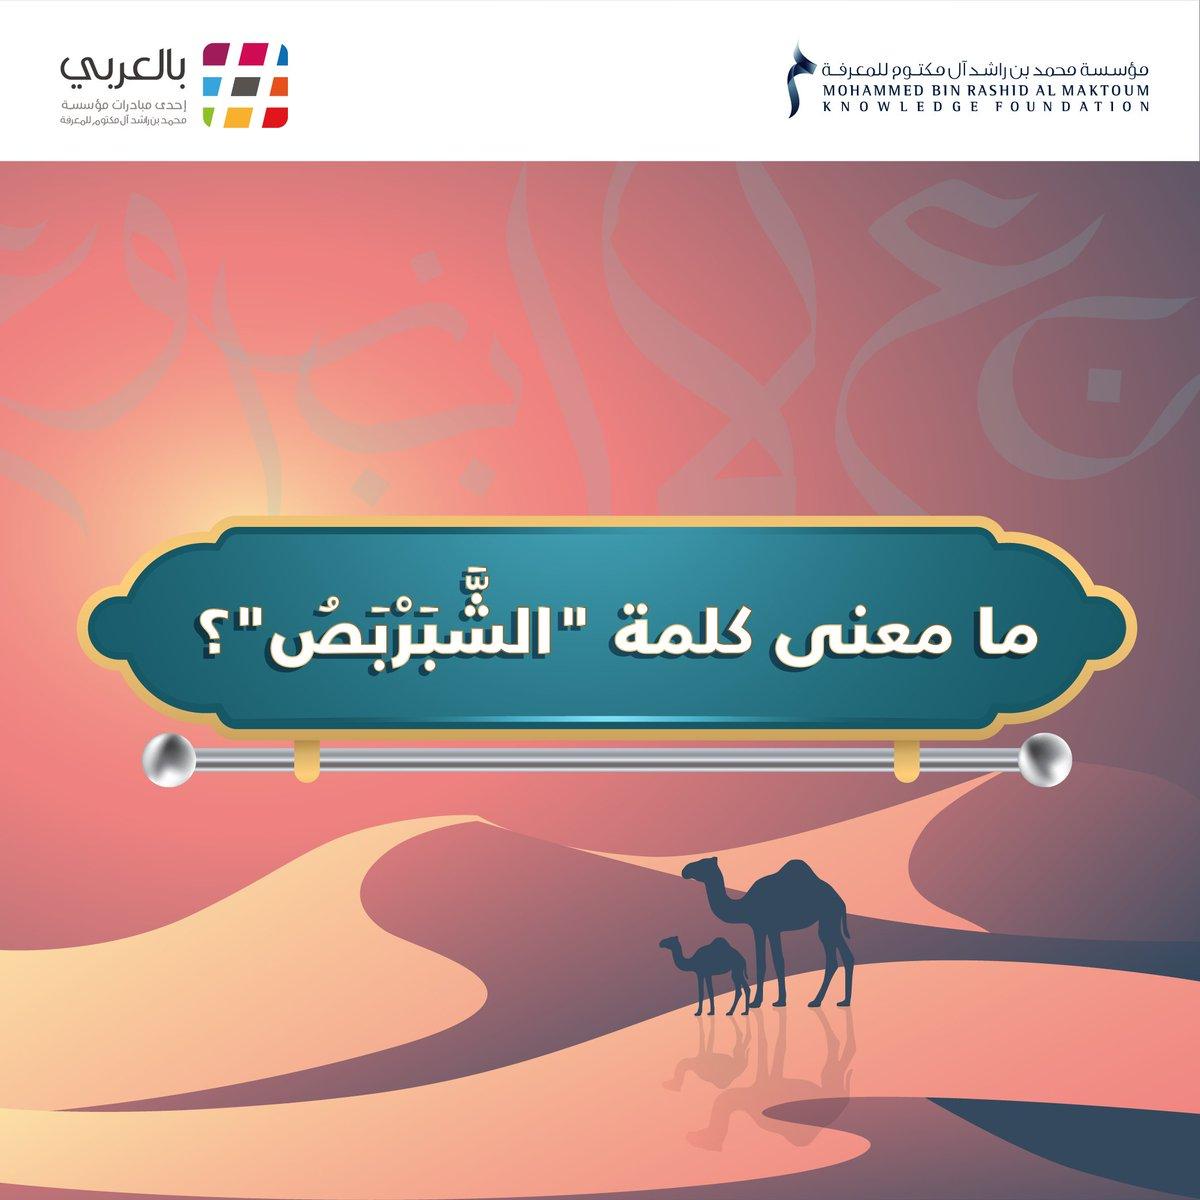 """بالعربي on Twitter: """"ما معنى كلمة الشَّبَرْبَصُ في جملة """"رأينا شبربصاً في  رحلتنا الأخيرة إلى الصحراء""""؟ #مؤسسة_محمد_بن_راشد_للمعرفة #بالعربي  #اللغة_العربية #لغة_الضاد… https://t.co/kD4Z5PnWsr"""""""